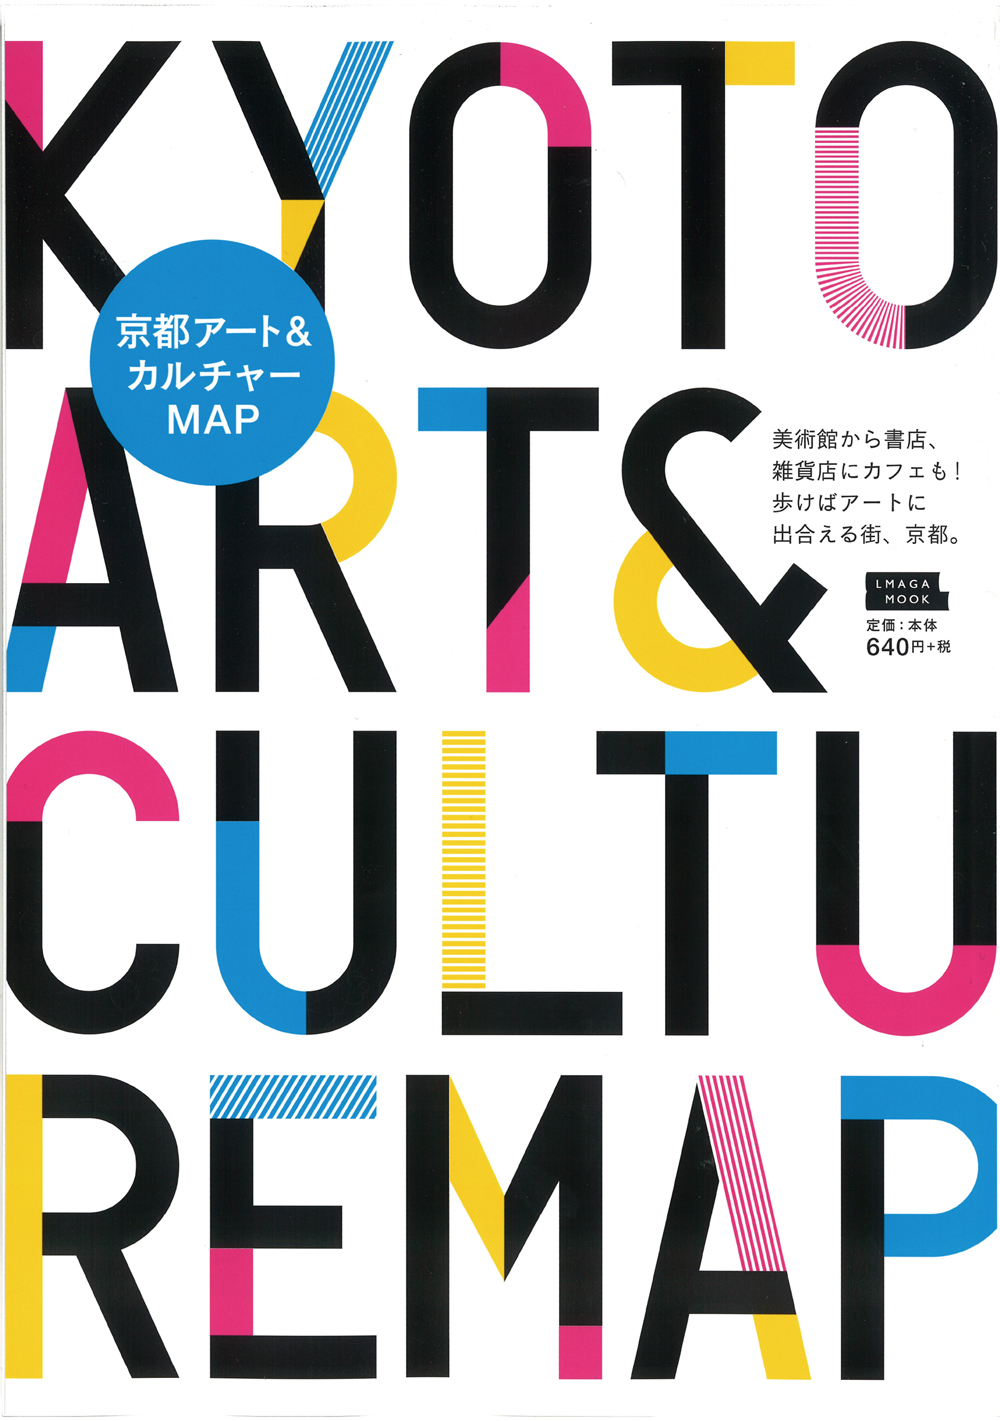 京都アート&カルチャーMAP